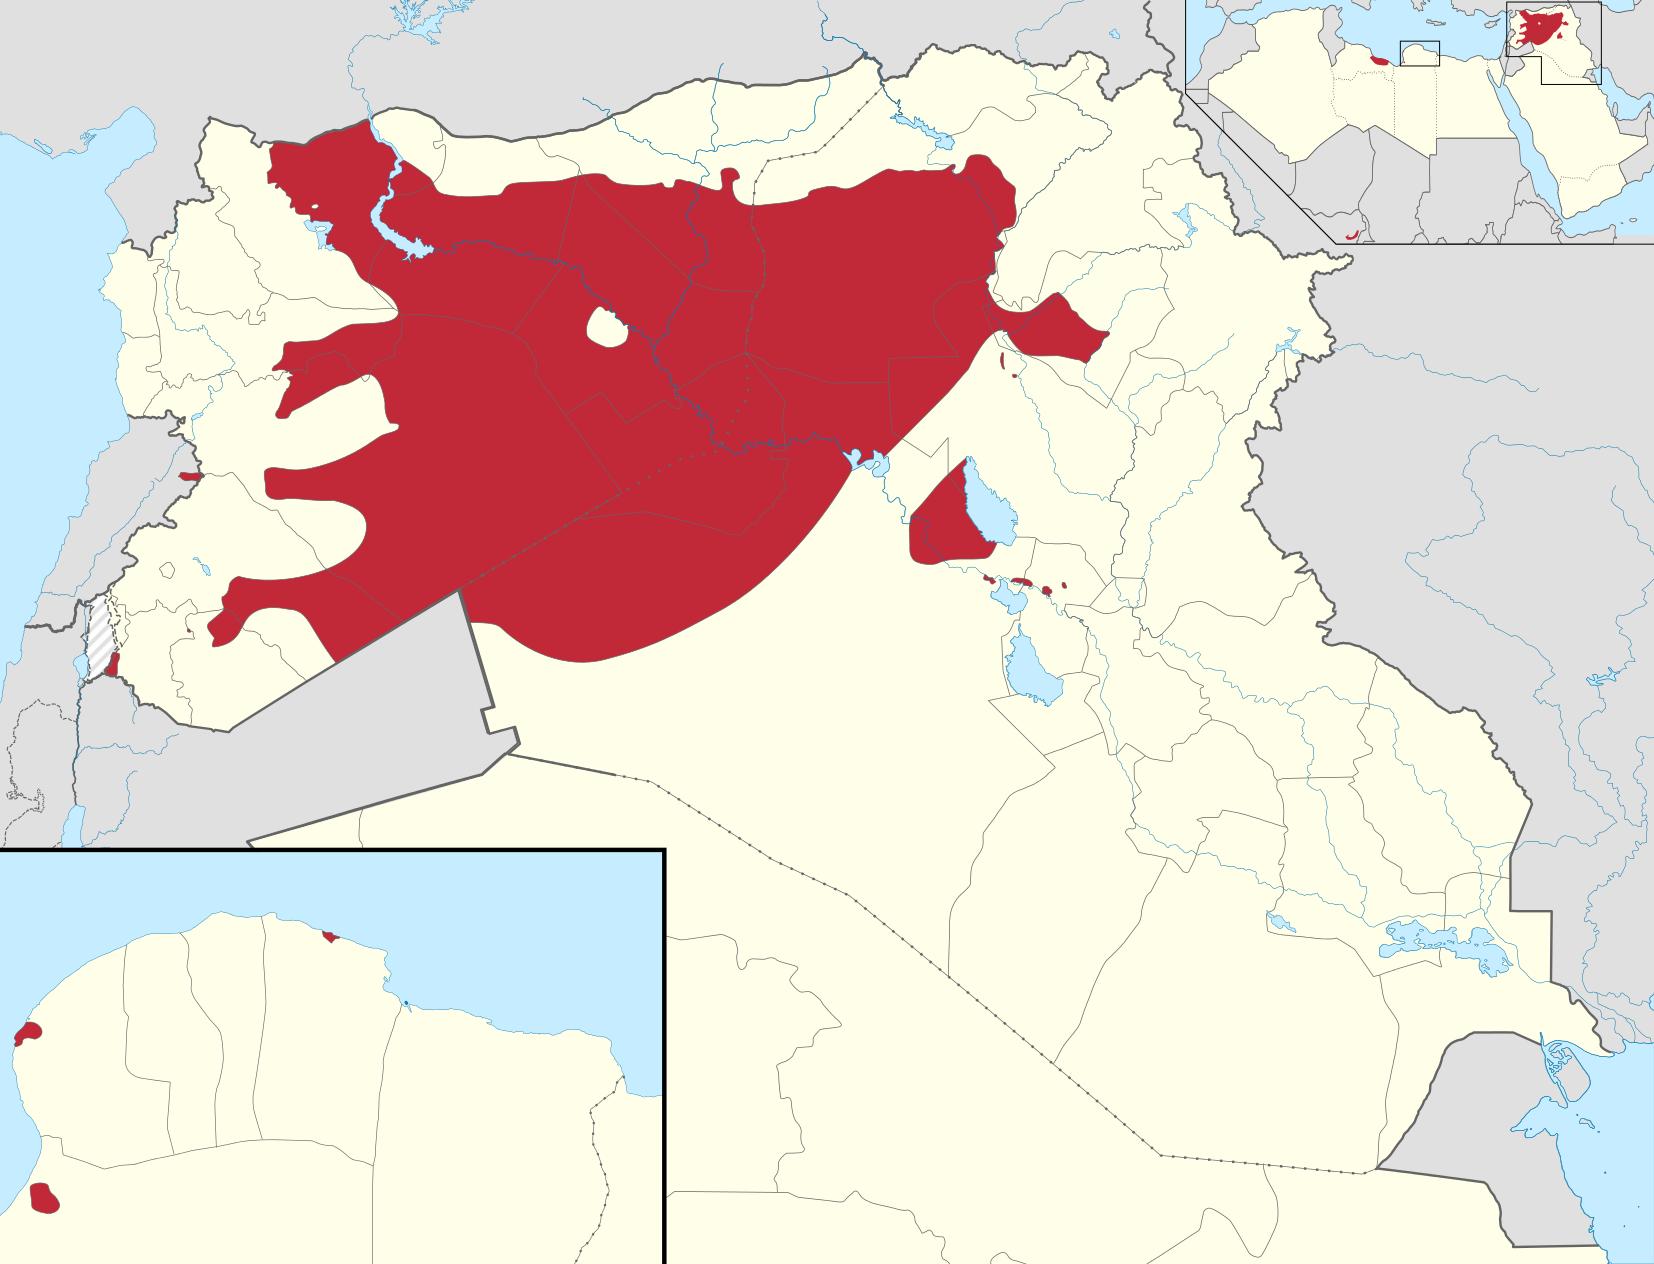 Karta teritorija (crvenom bojom) kojeg od 21. kolovoza 2015. kontrolira 'Islamska država'. (Izvor: Wikipedia)